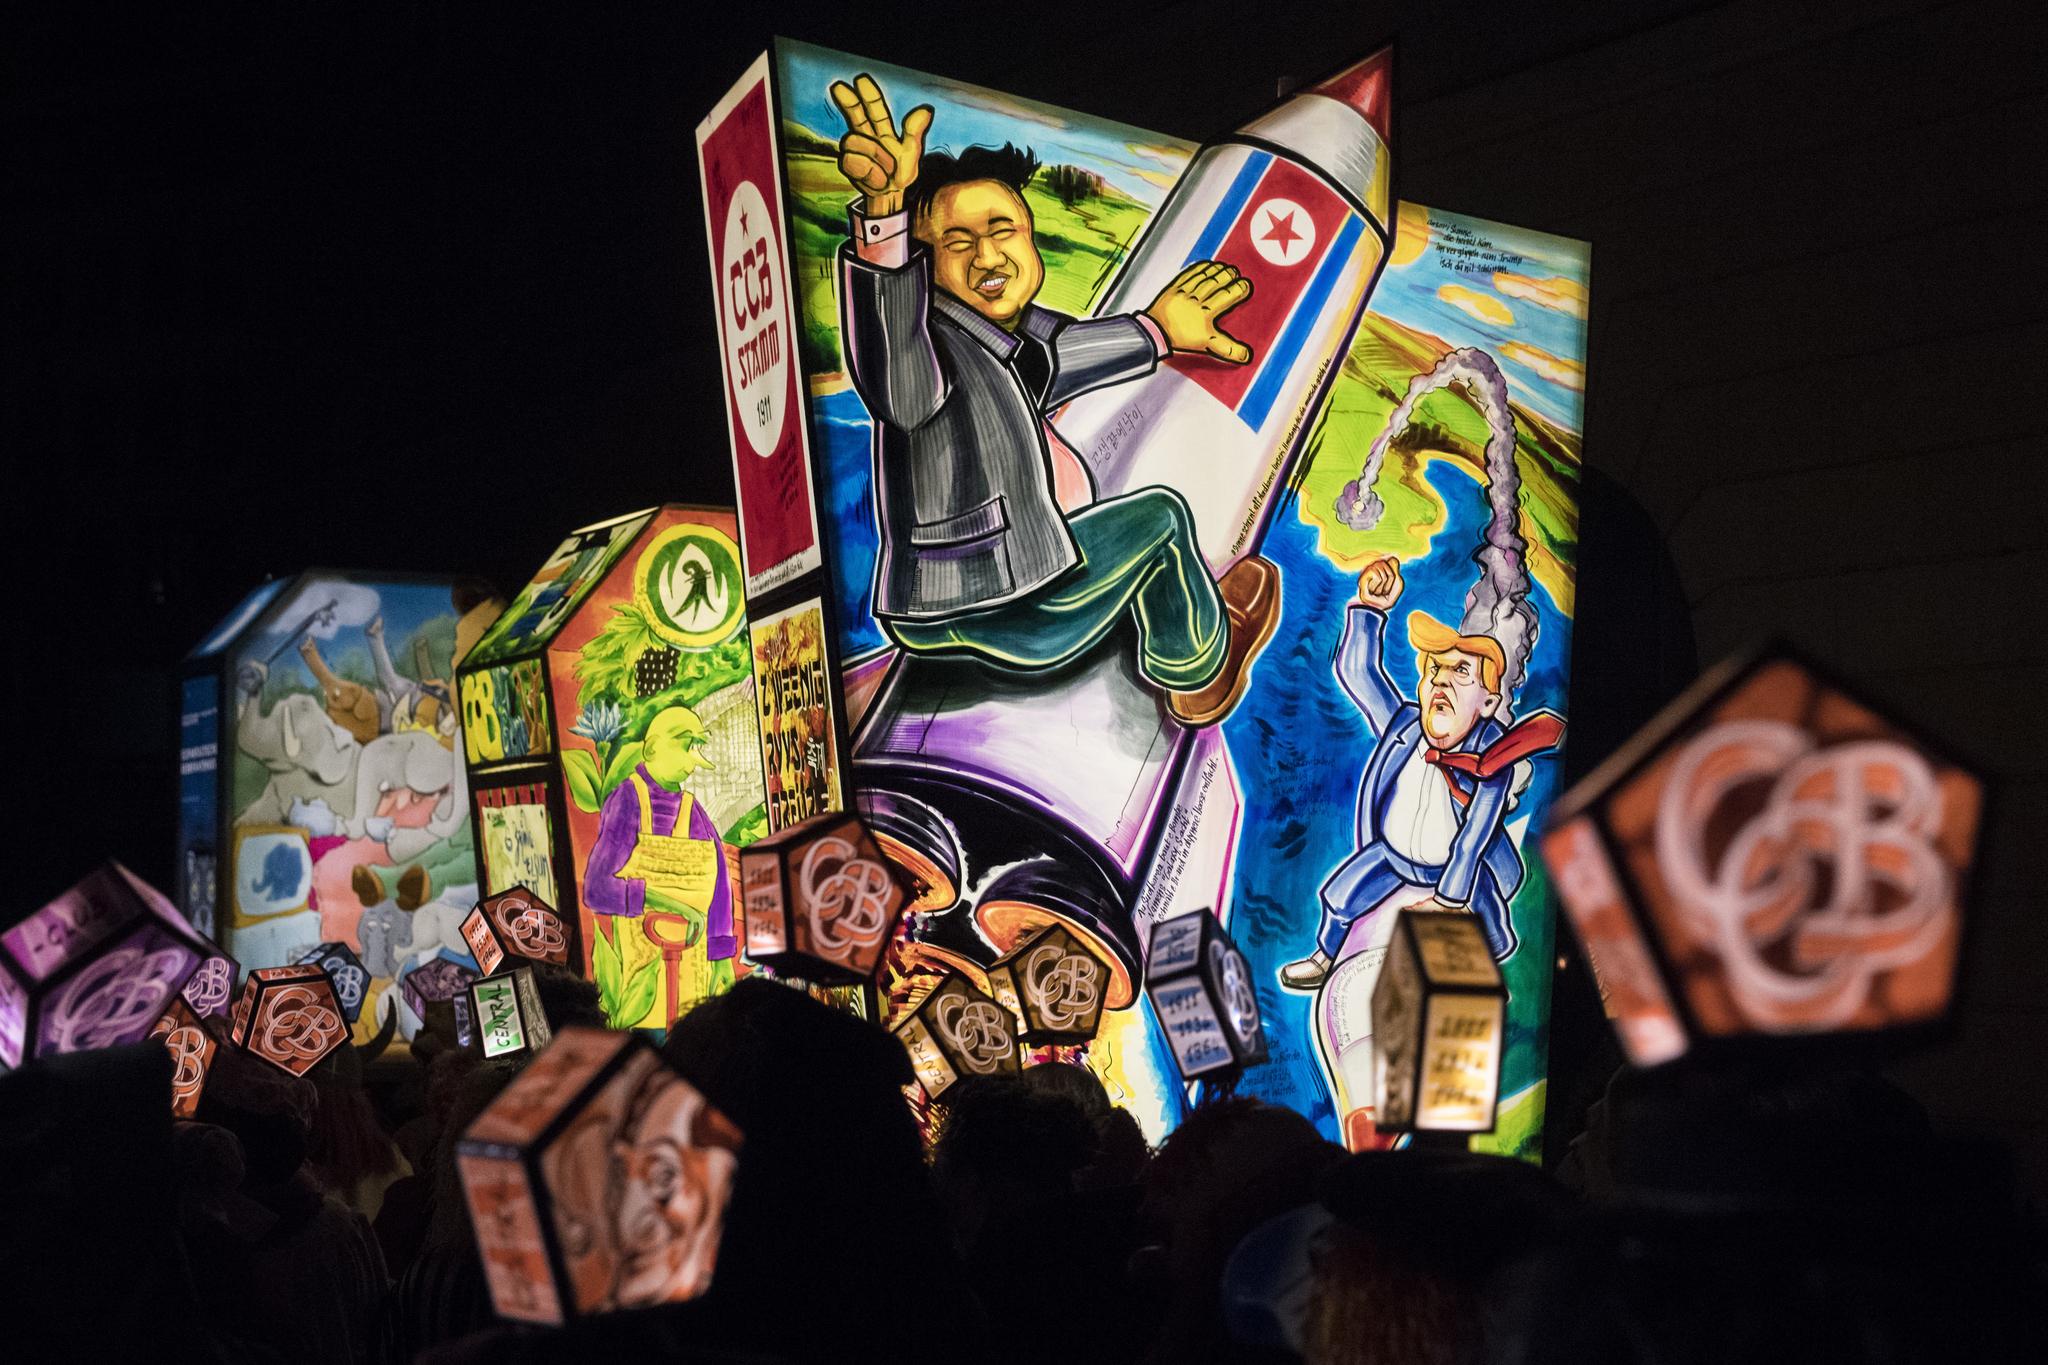 지난해 2월 19일 새벽 스위스 바젤에서 열린 카니발에 김정은 북한 국무위원장의 모습이 표현된 조형물을 든 사람들이 퍼레이드를 하고 있다. [AP=연합뉴스]